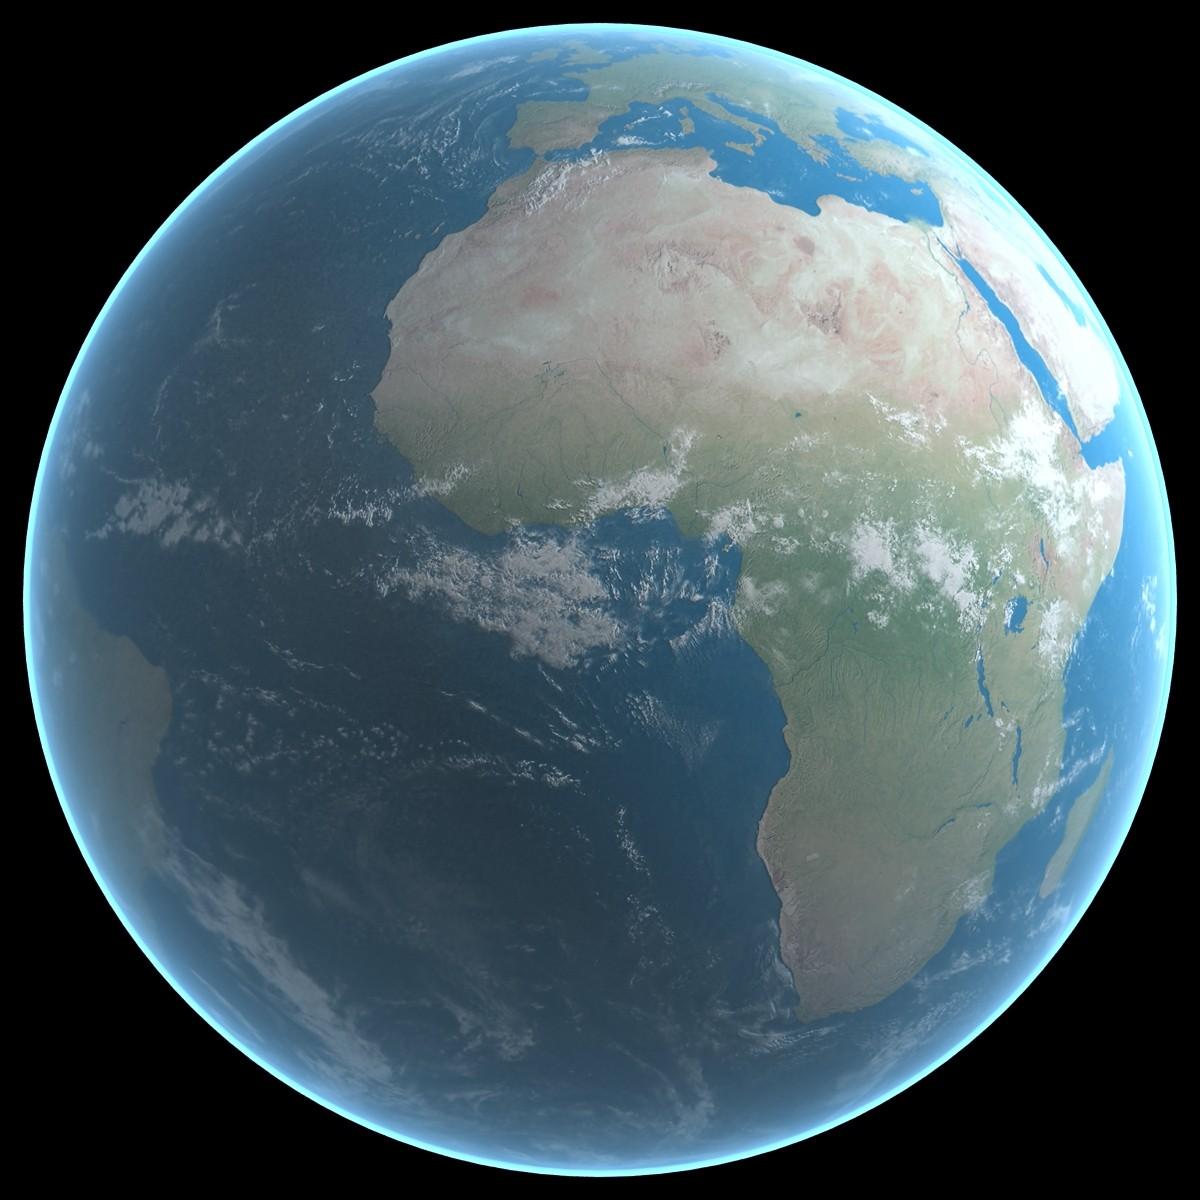 Earth_Rr_02.jpg